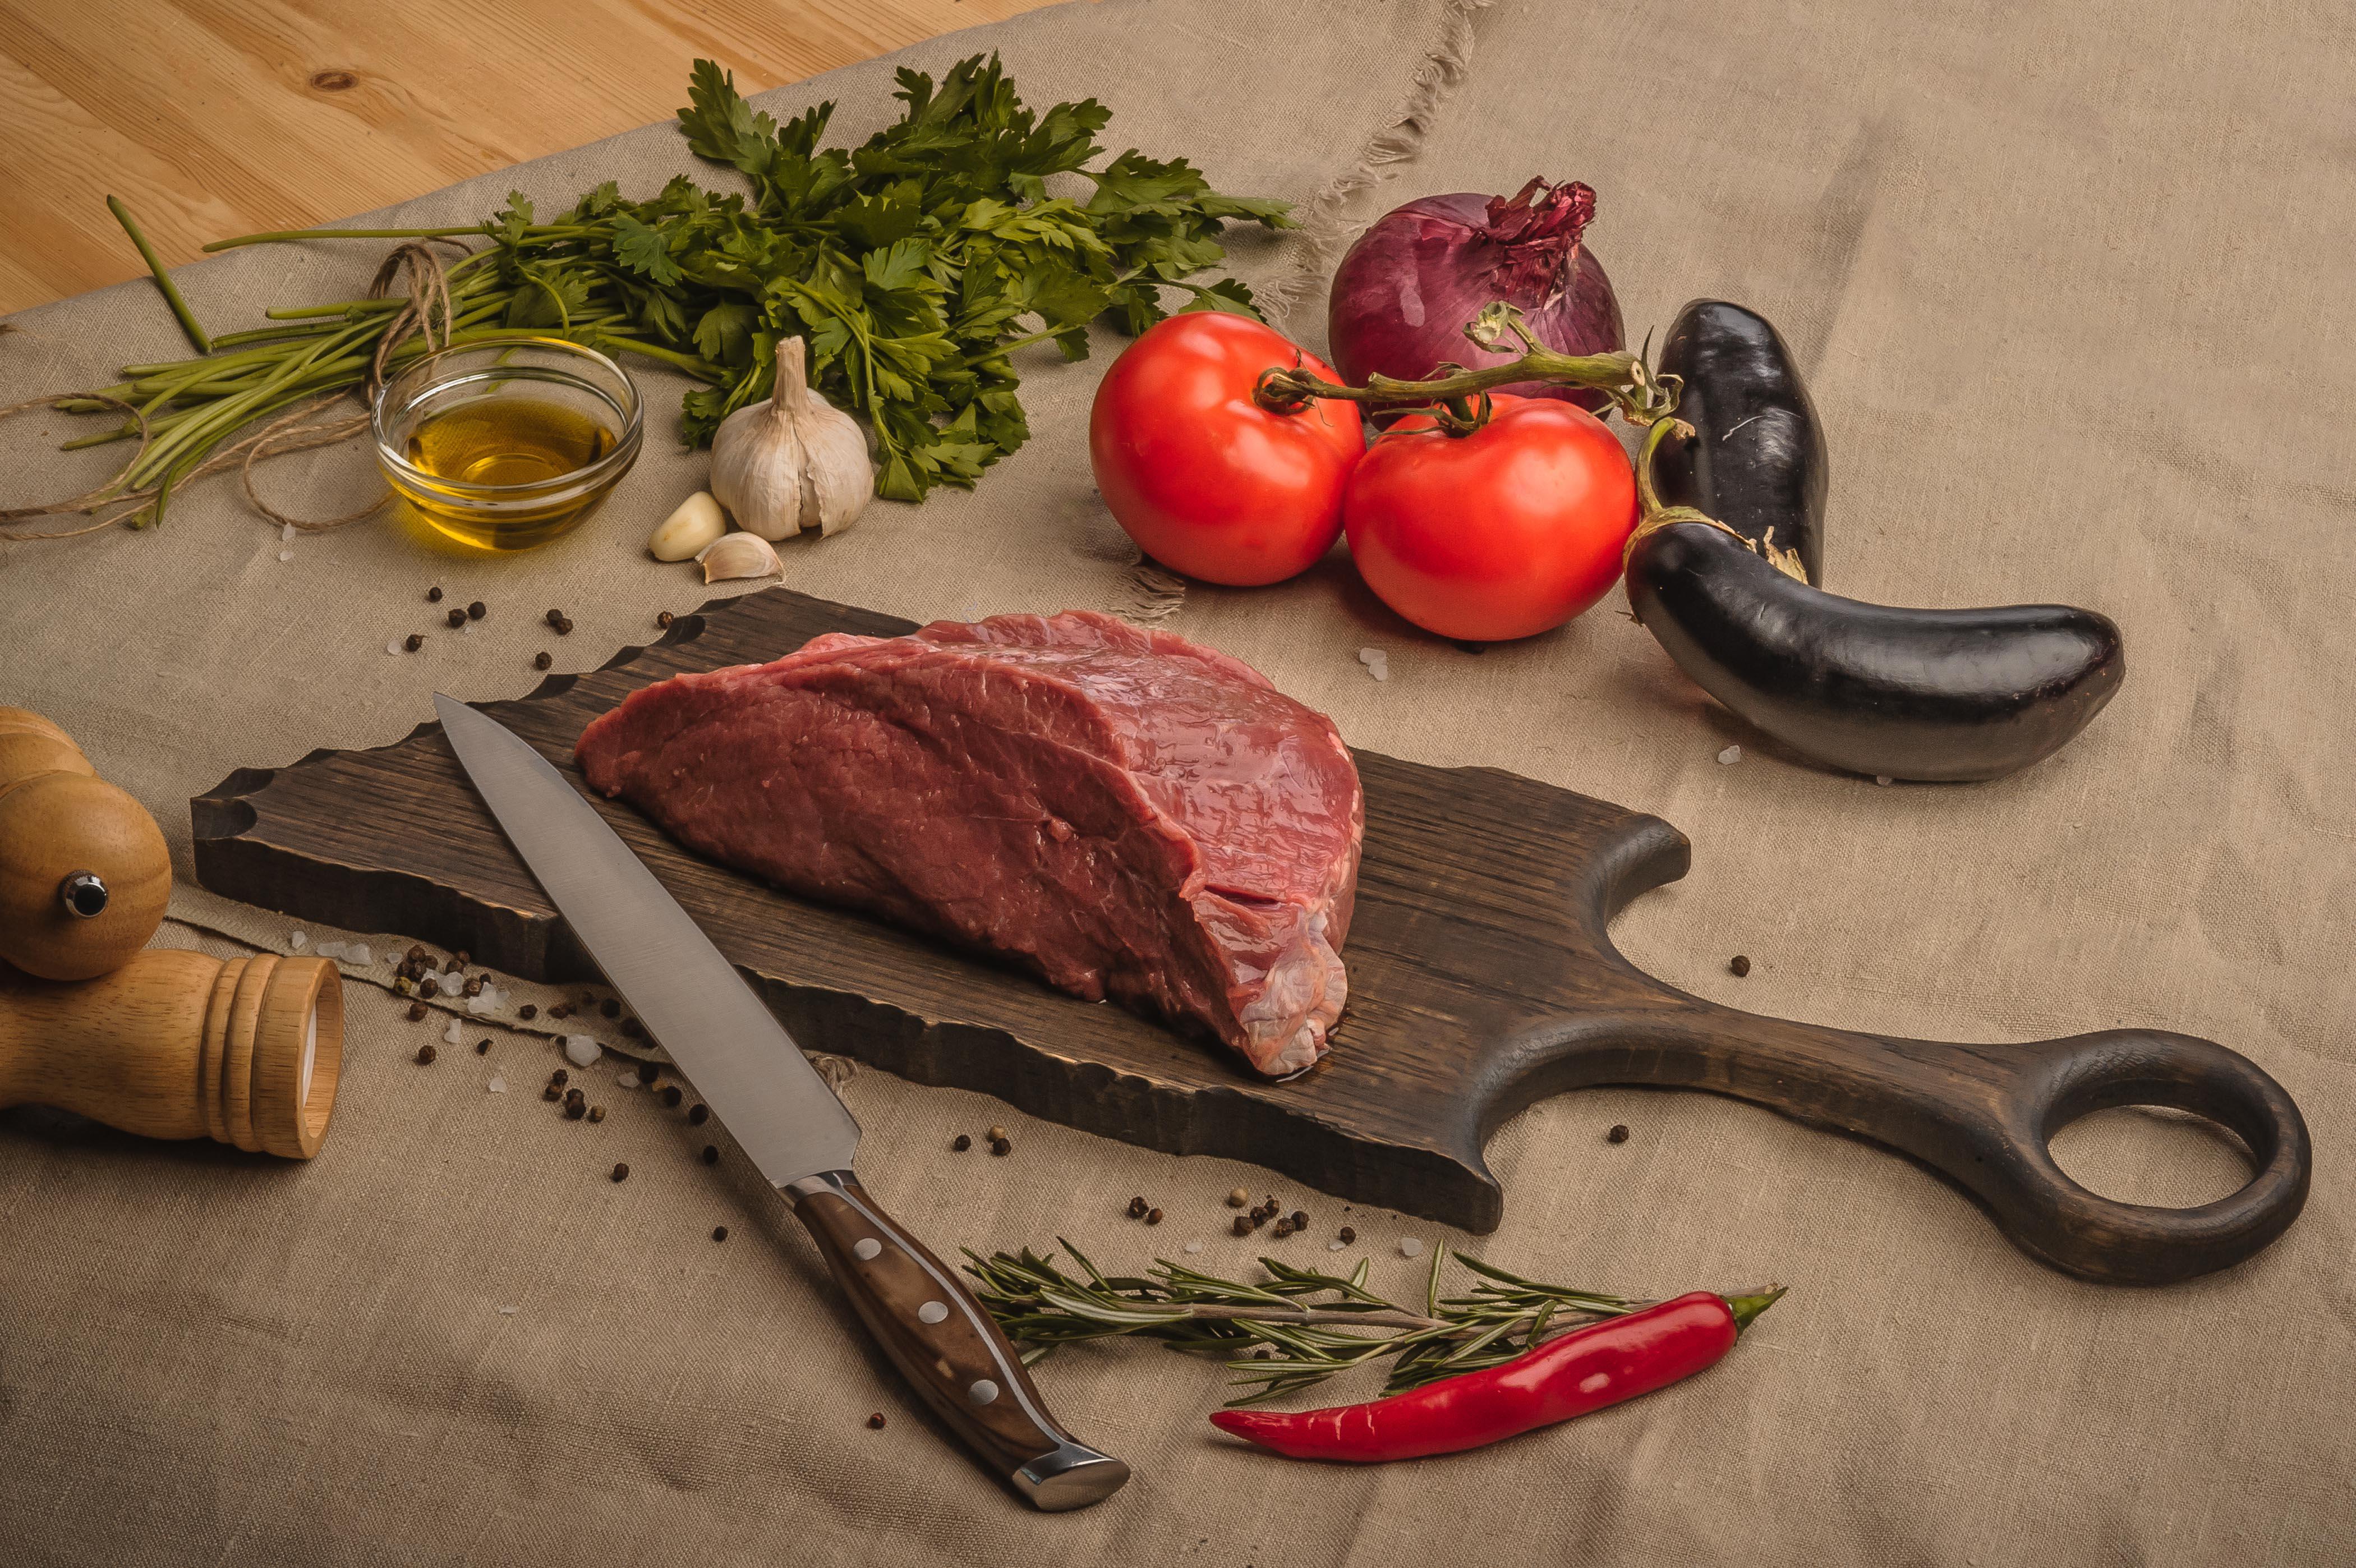 1.почему нельзя пользоваться одной разделочной доской для резки сырого мяса,хлеба и сырых овощей?